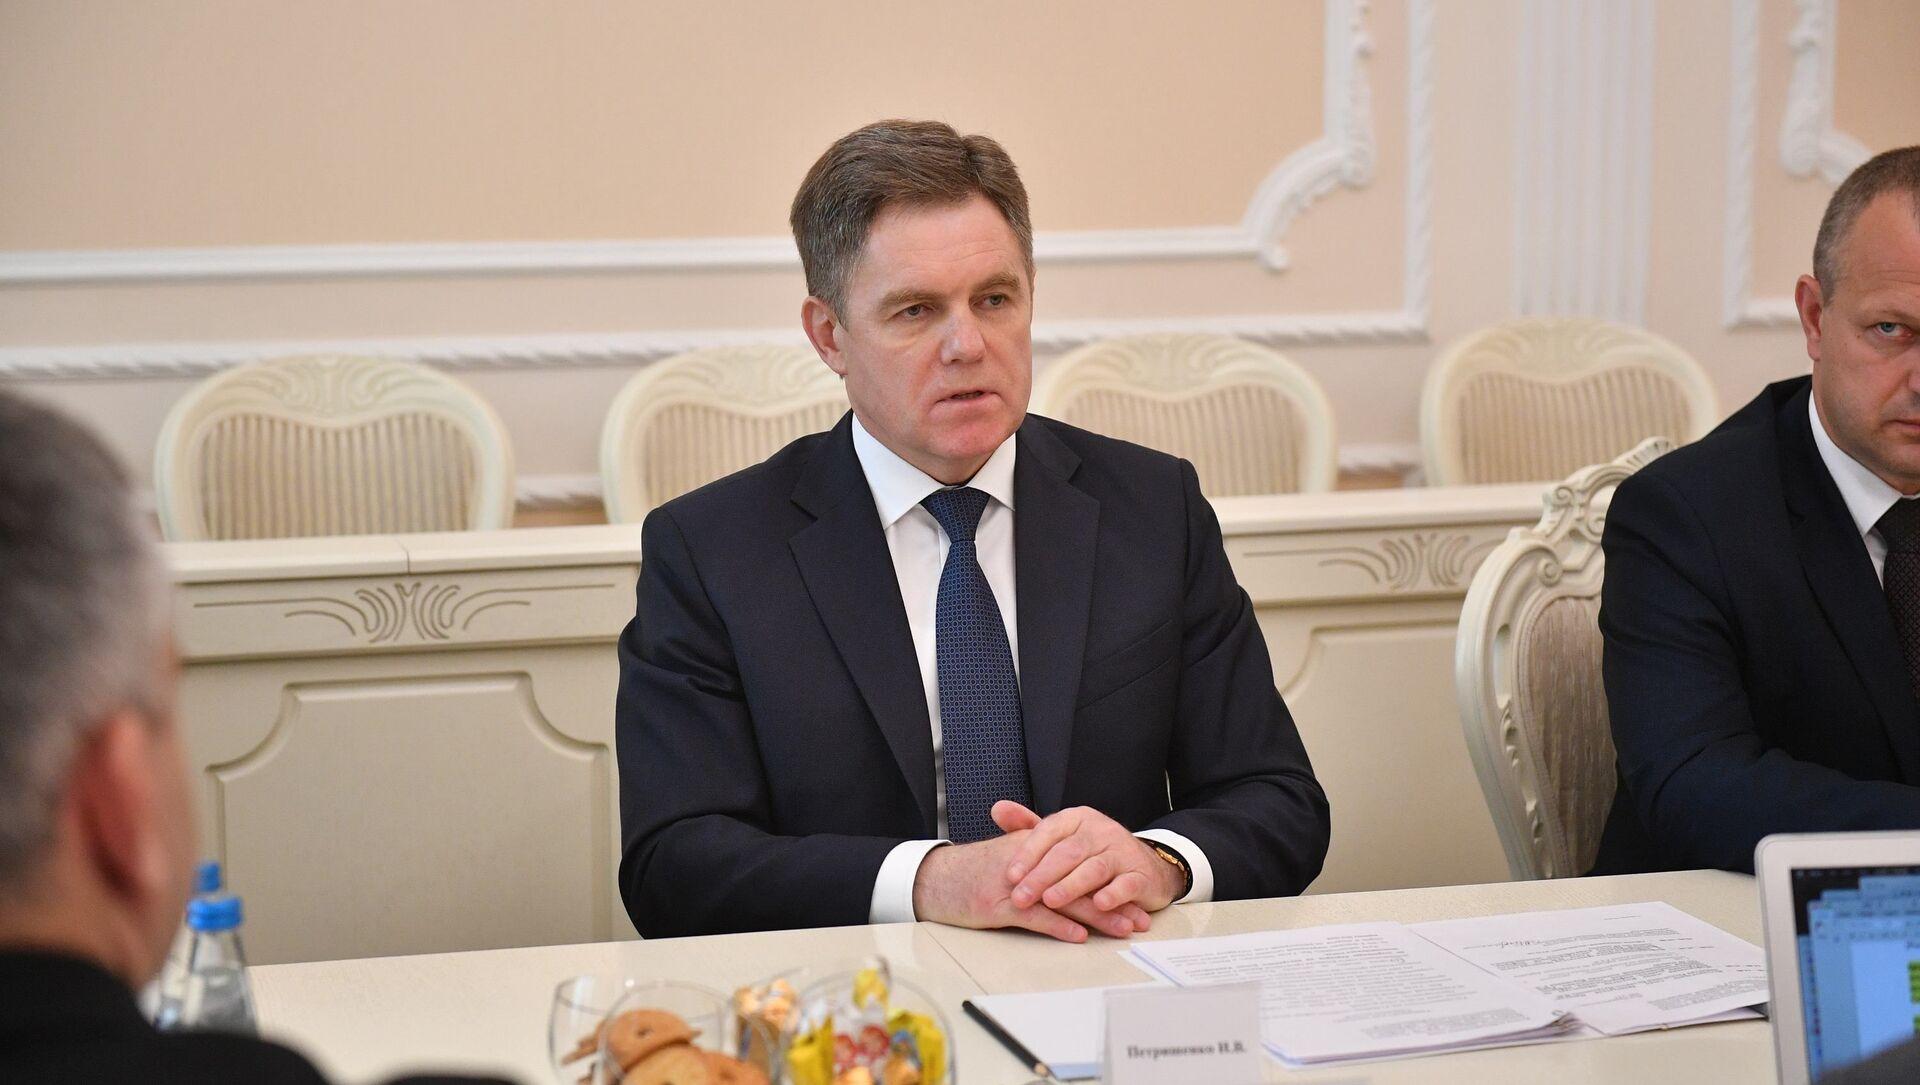 Заместитель премьер-министра Беларуси Игорь Петришенко - Sputnik Беларусь, 1920, 31.05.2021